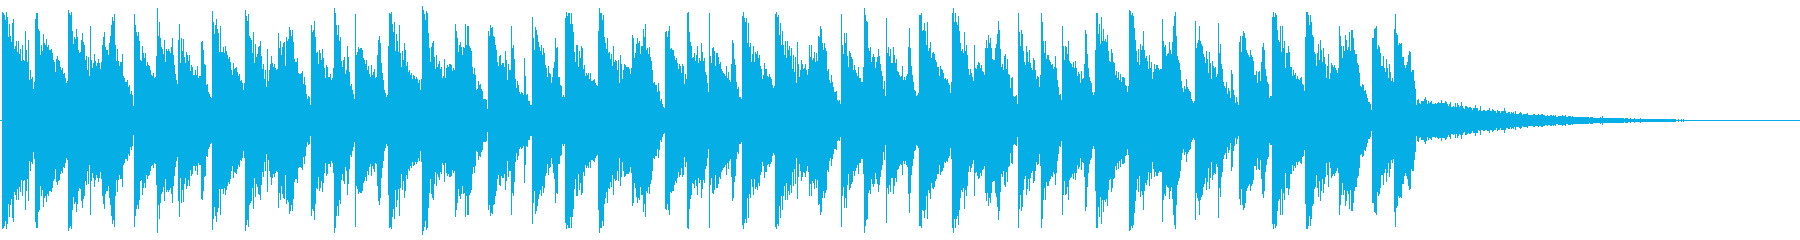 爽やかなEDM_4の再生済みの波形